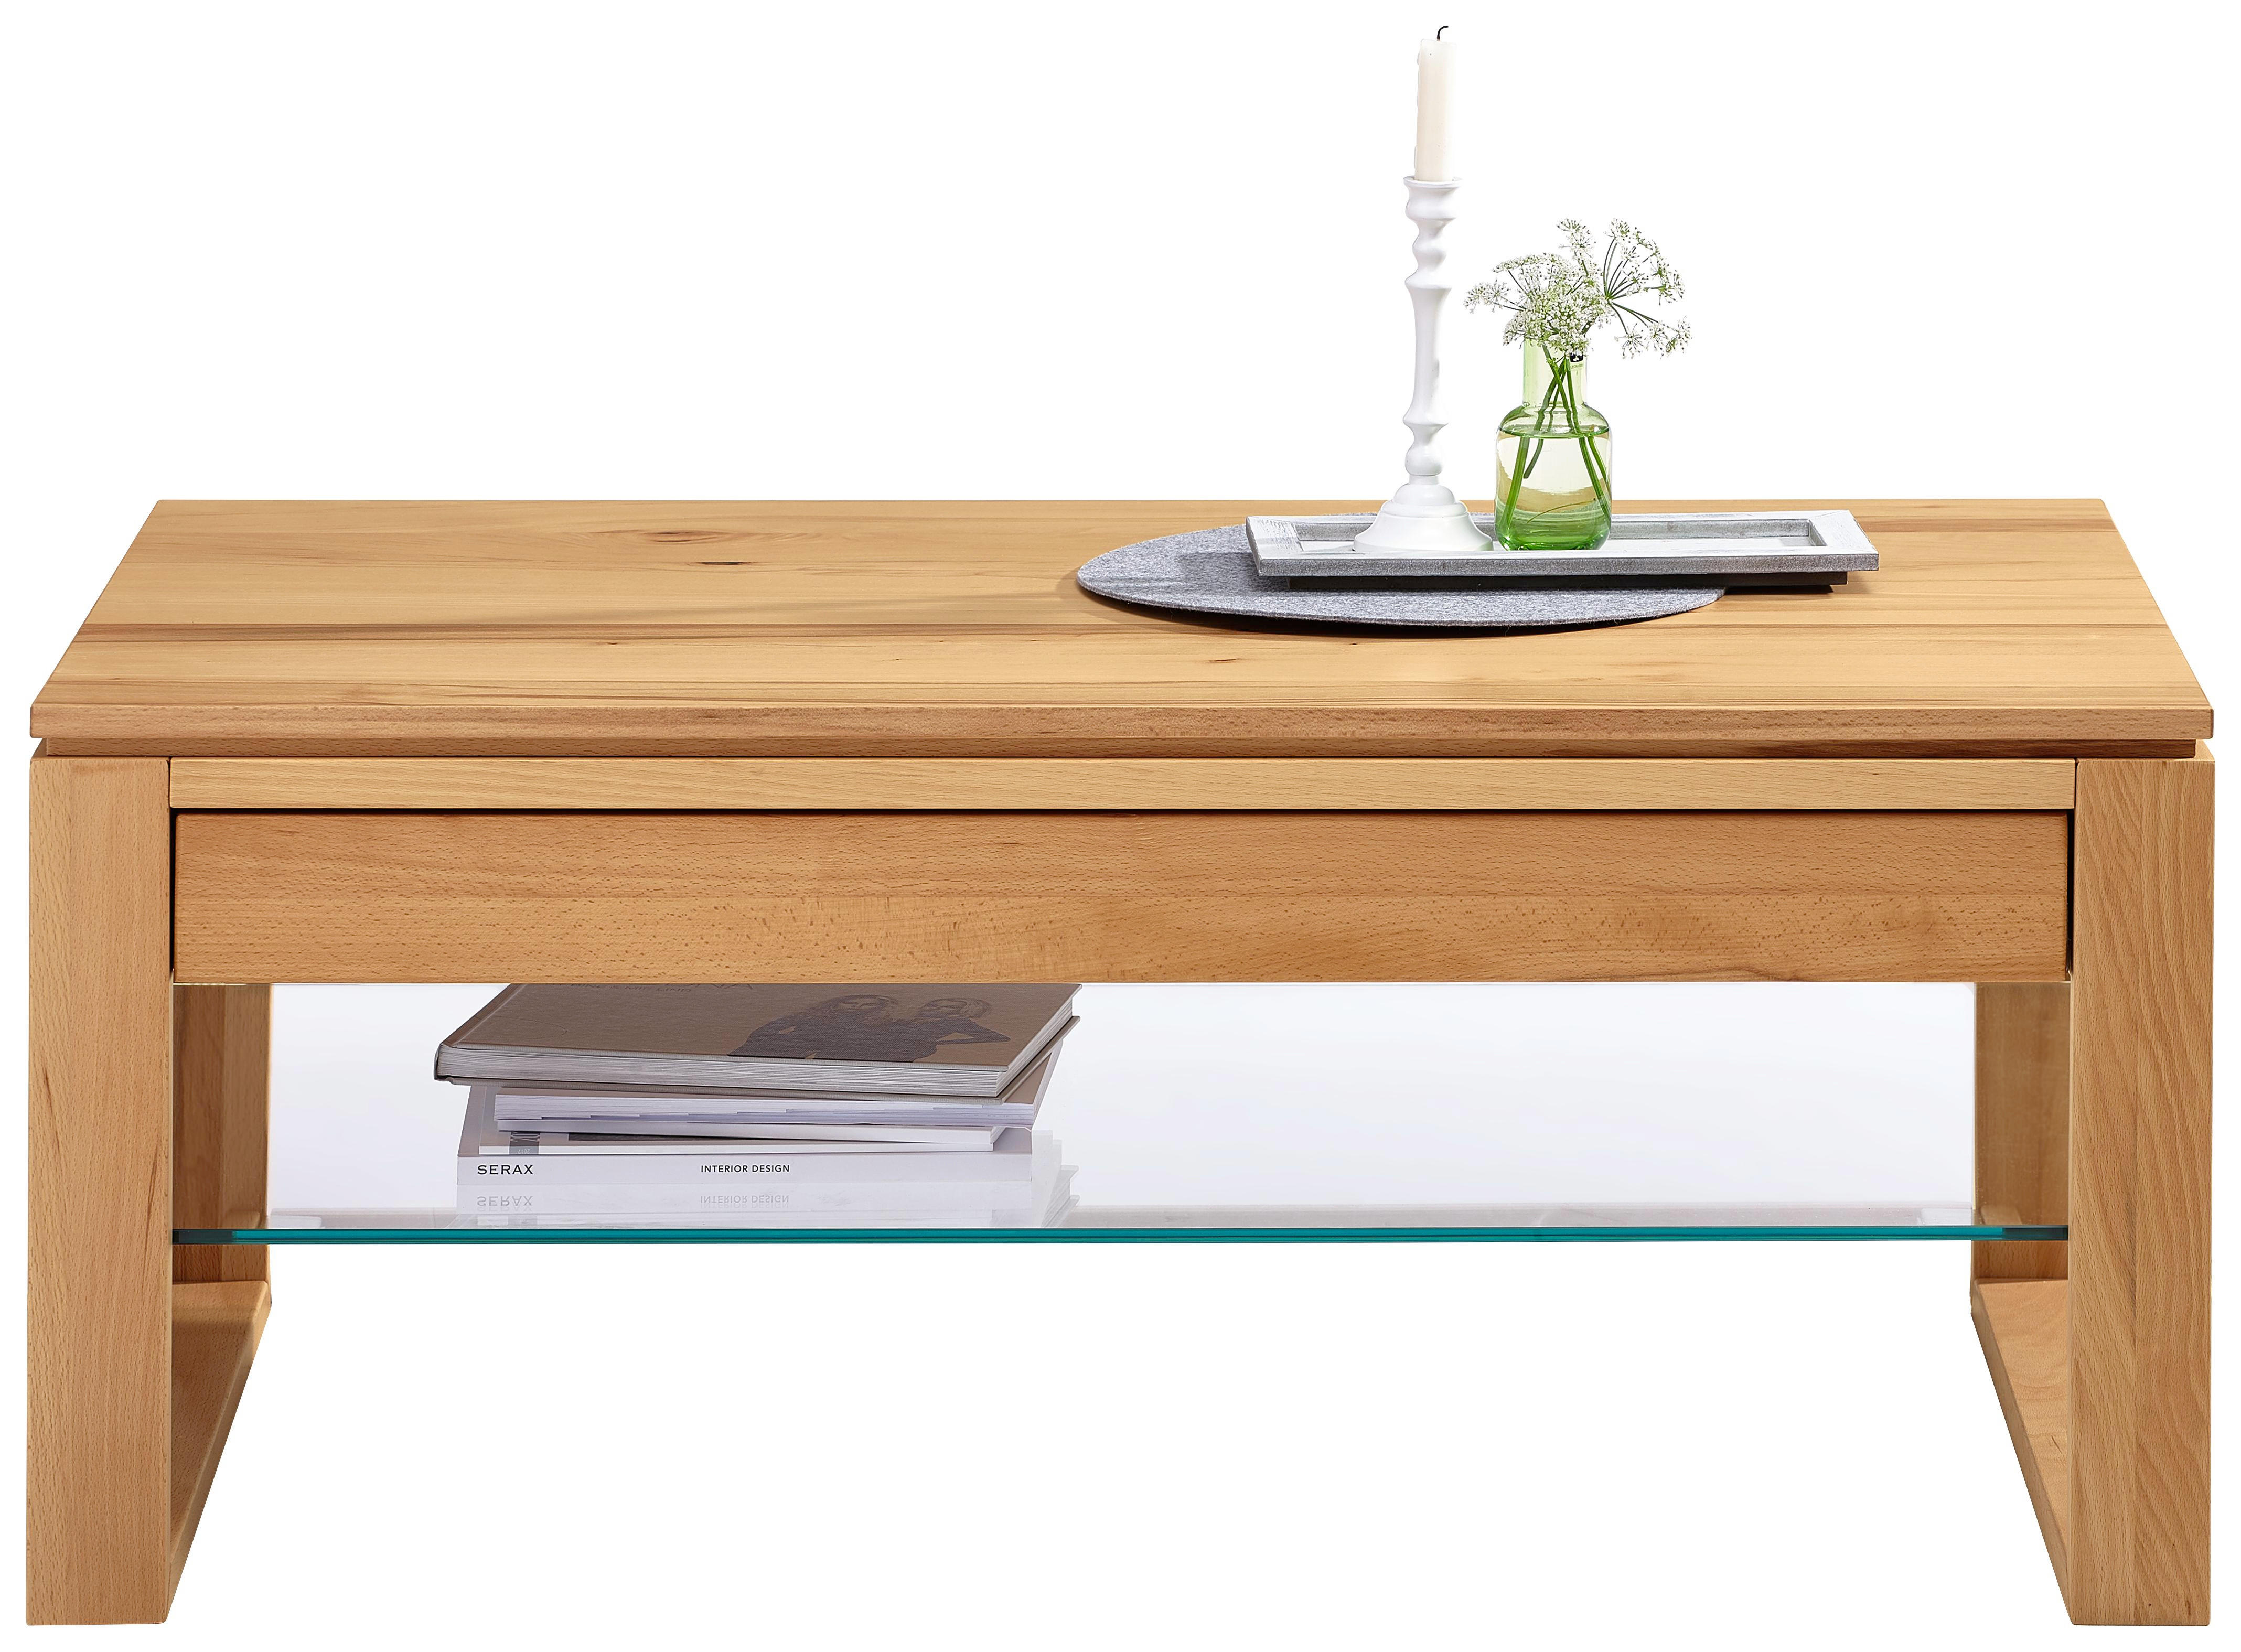 Latest Couchtisch Massiv Rechteckig Buchefarben Buchefarben Design Glasholz  With Couchtisch Abgerundete Ecken